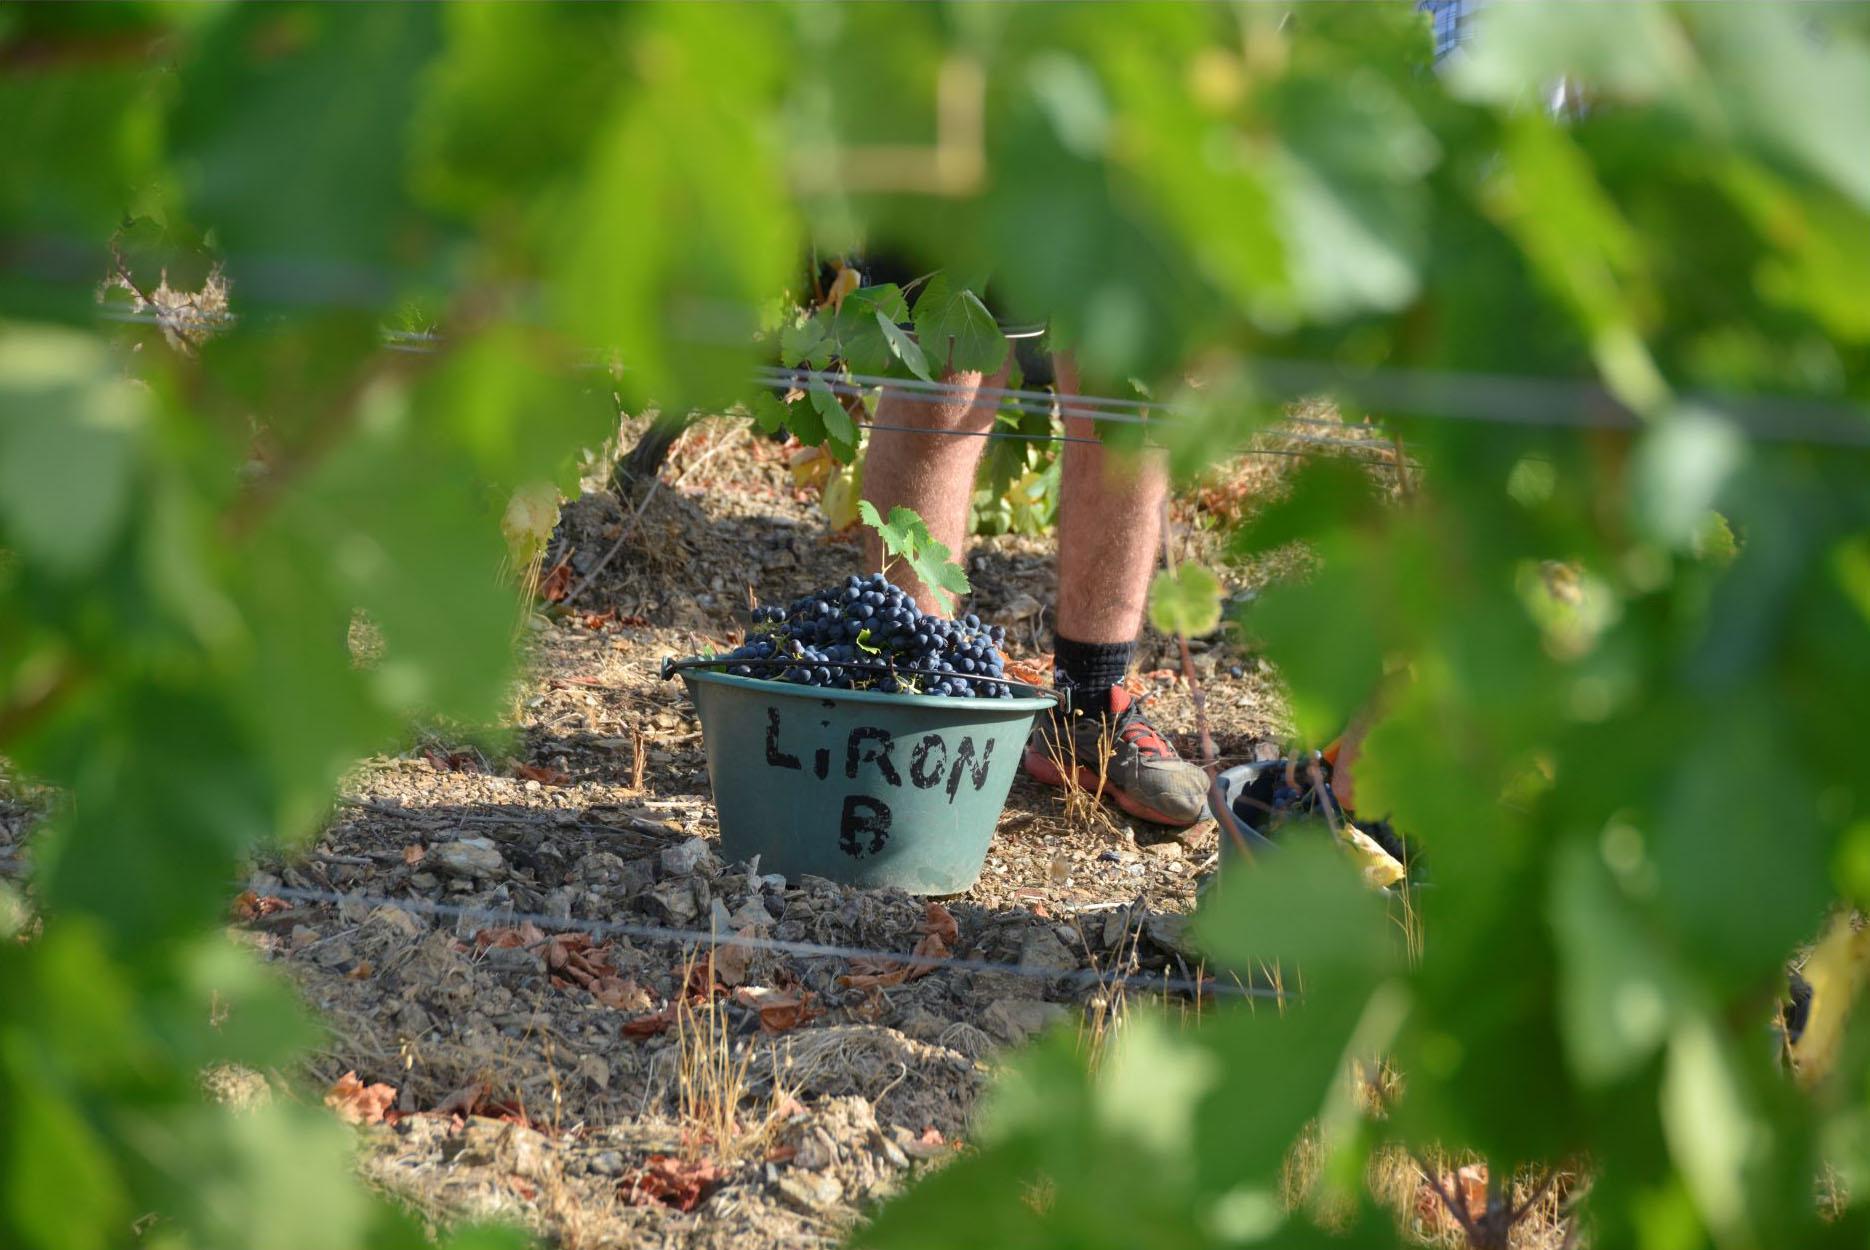 Saut rempli de grappes de raisin aux pieds d'un vendangeur au milieu des vignes